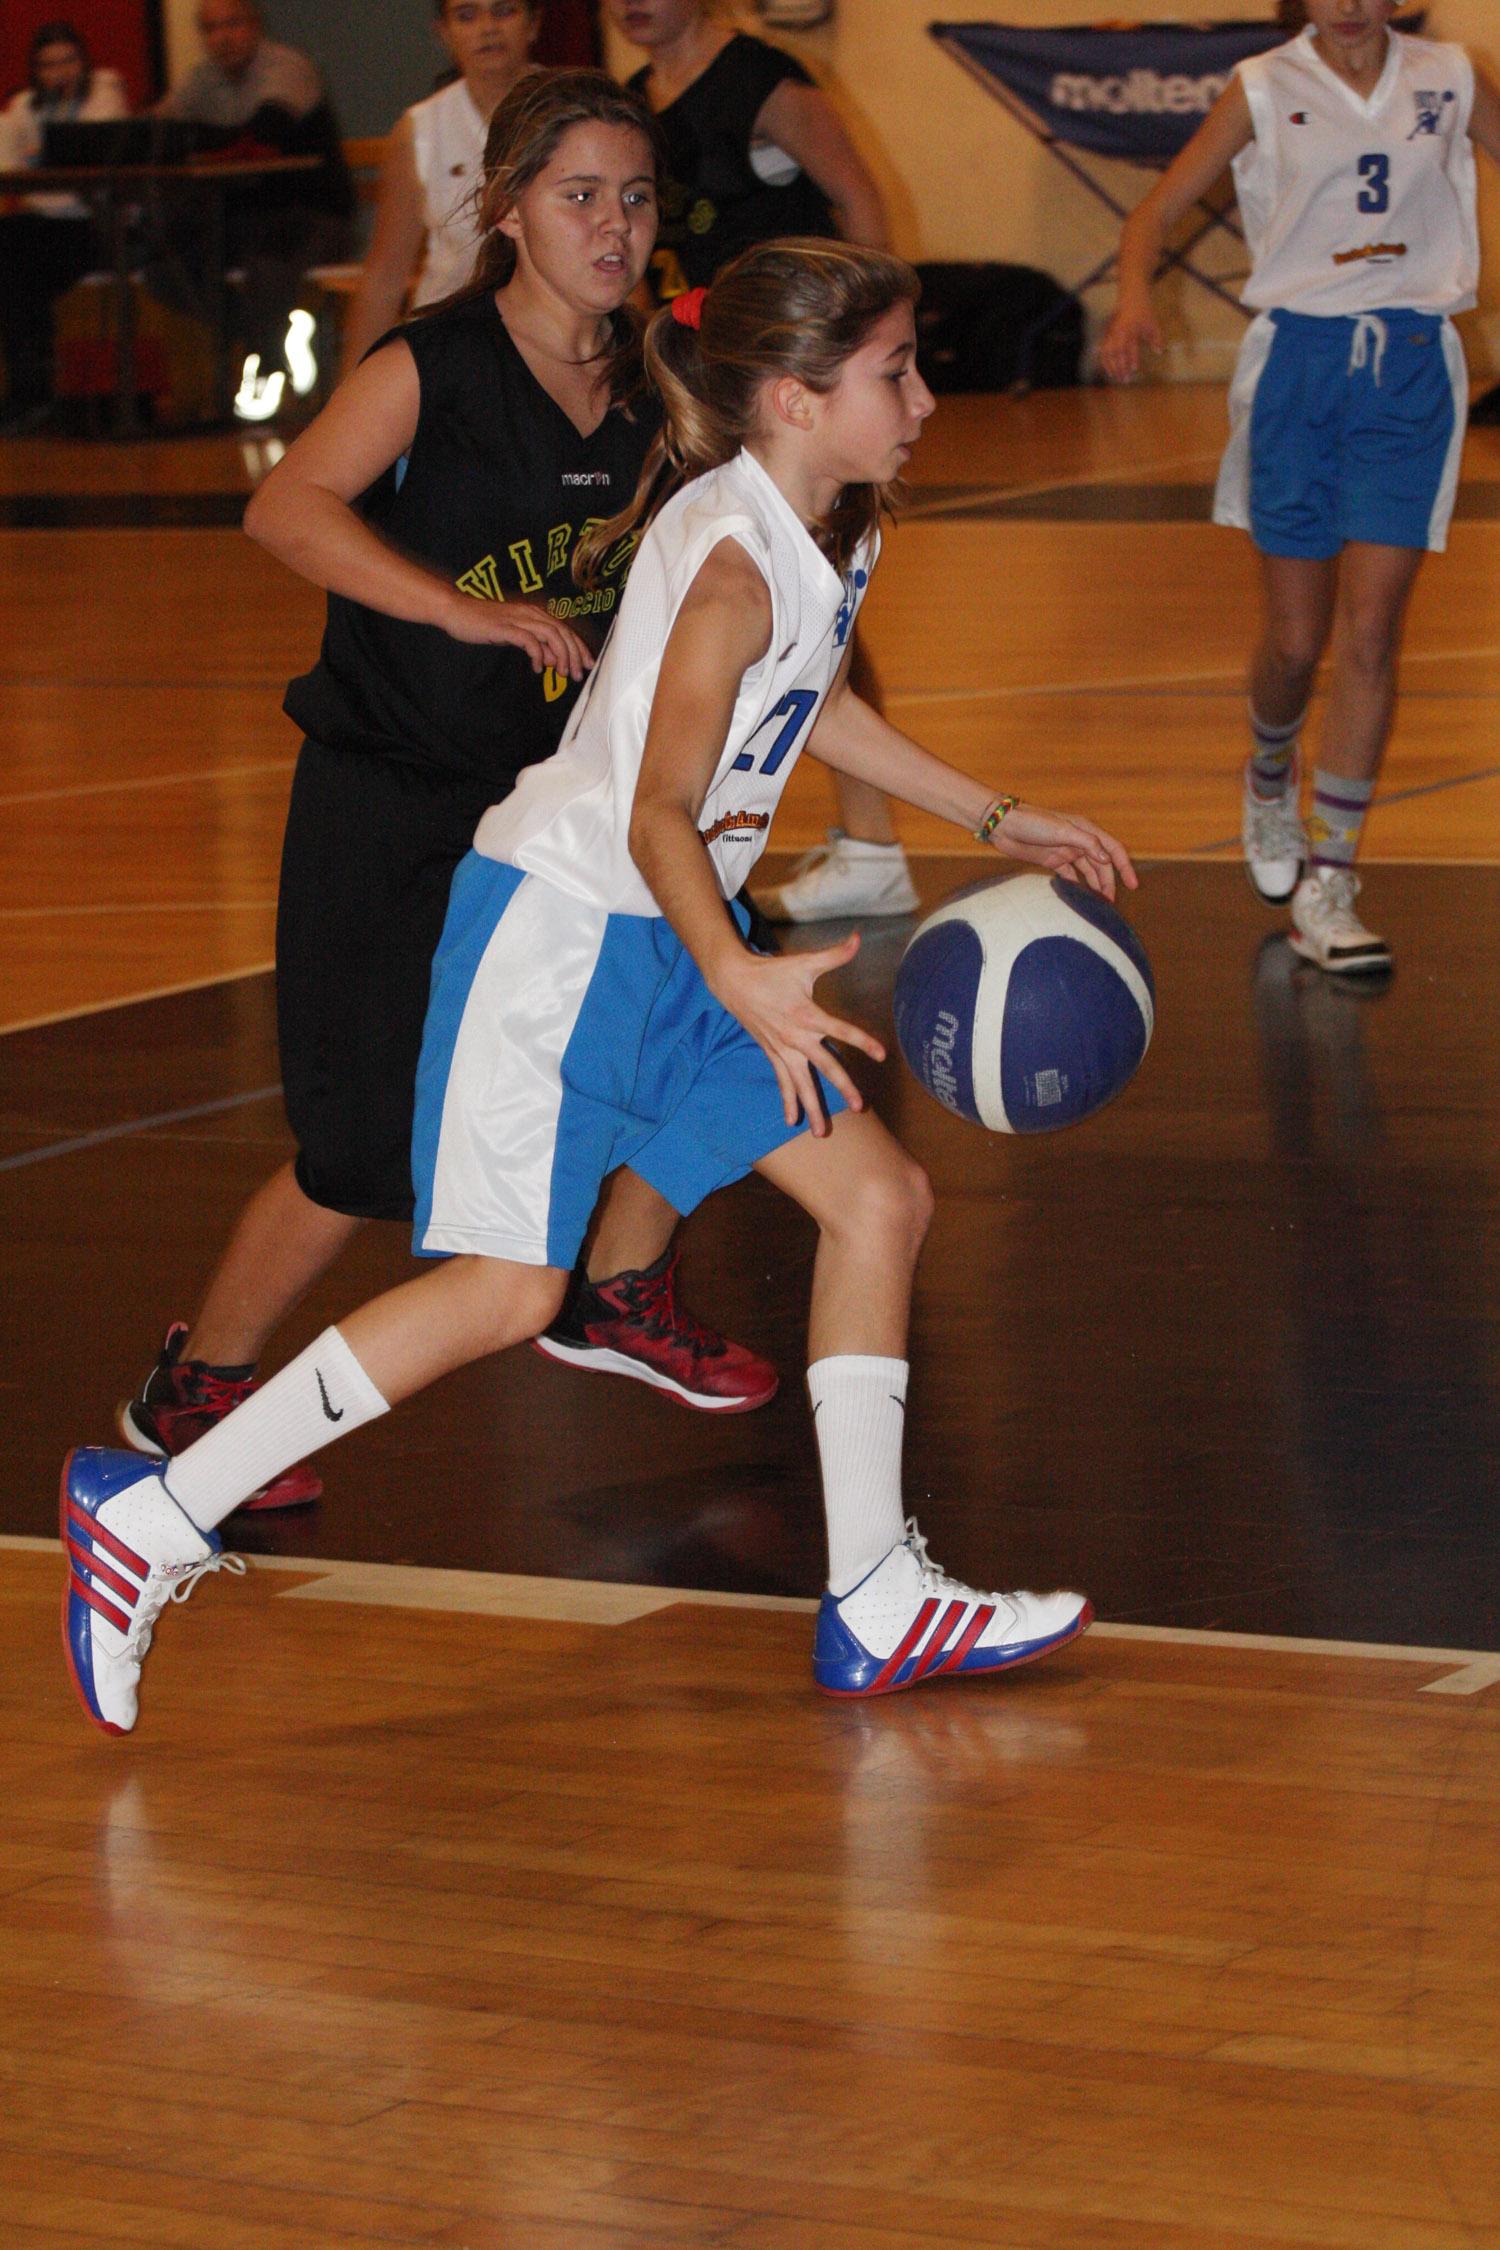 U13 - Baskettiamo Vittuone vs Carroccio Legnano 00012.jpg